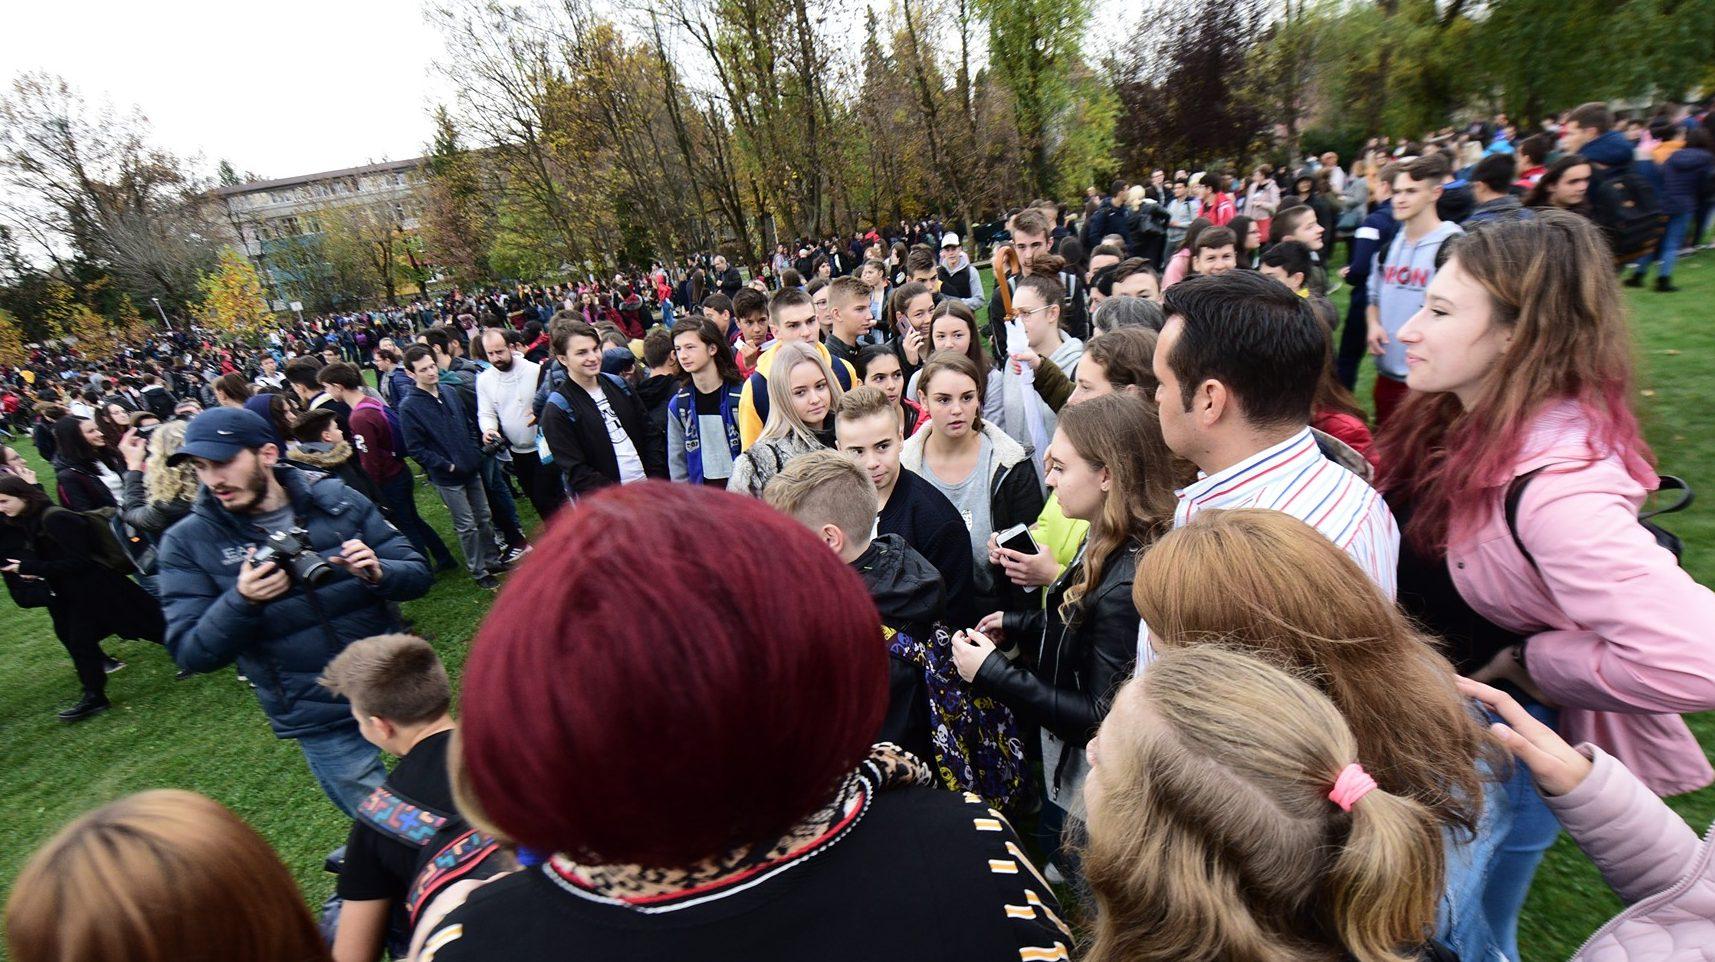 Miting cu forța! Elevii din Baia Mare au fost obligați să vină la o acțiune a primarului Cherecheș chiar în timpul orelor (document)